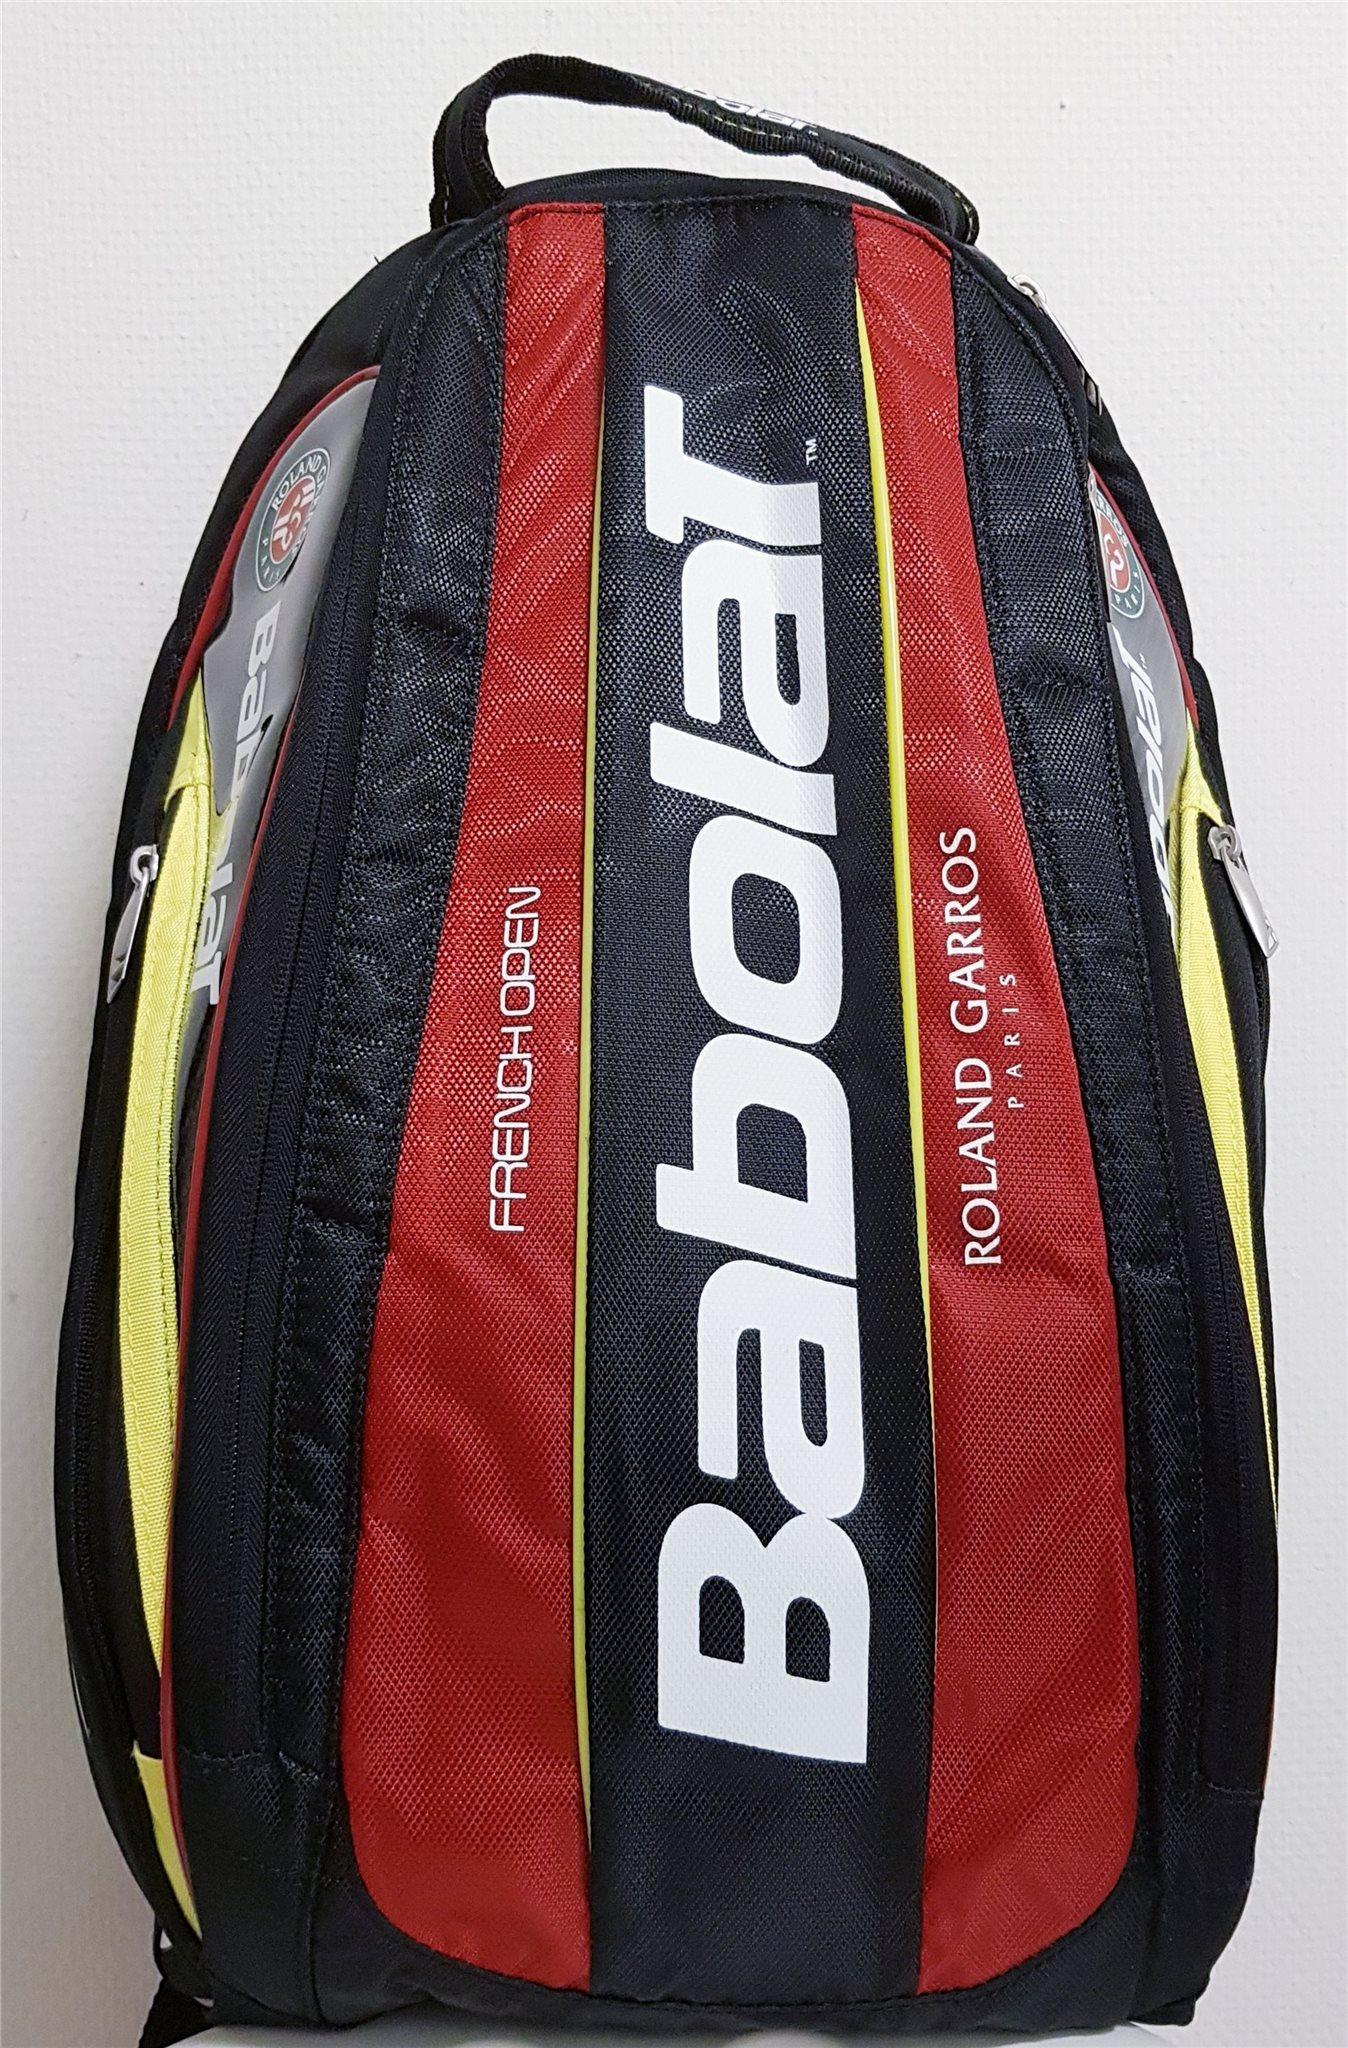 Babolat Tennisväska Tennis Badminton Squash Väs.. (336223429) ᐈ Köp ... 7b9d84831a7cf